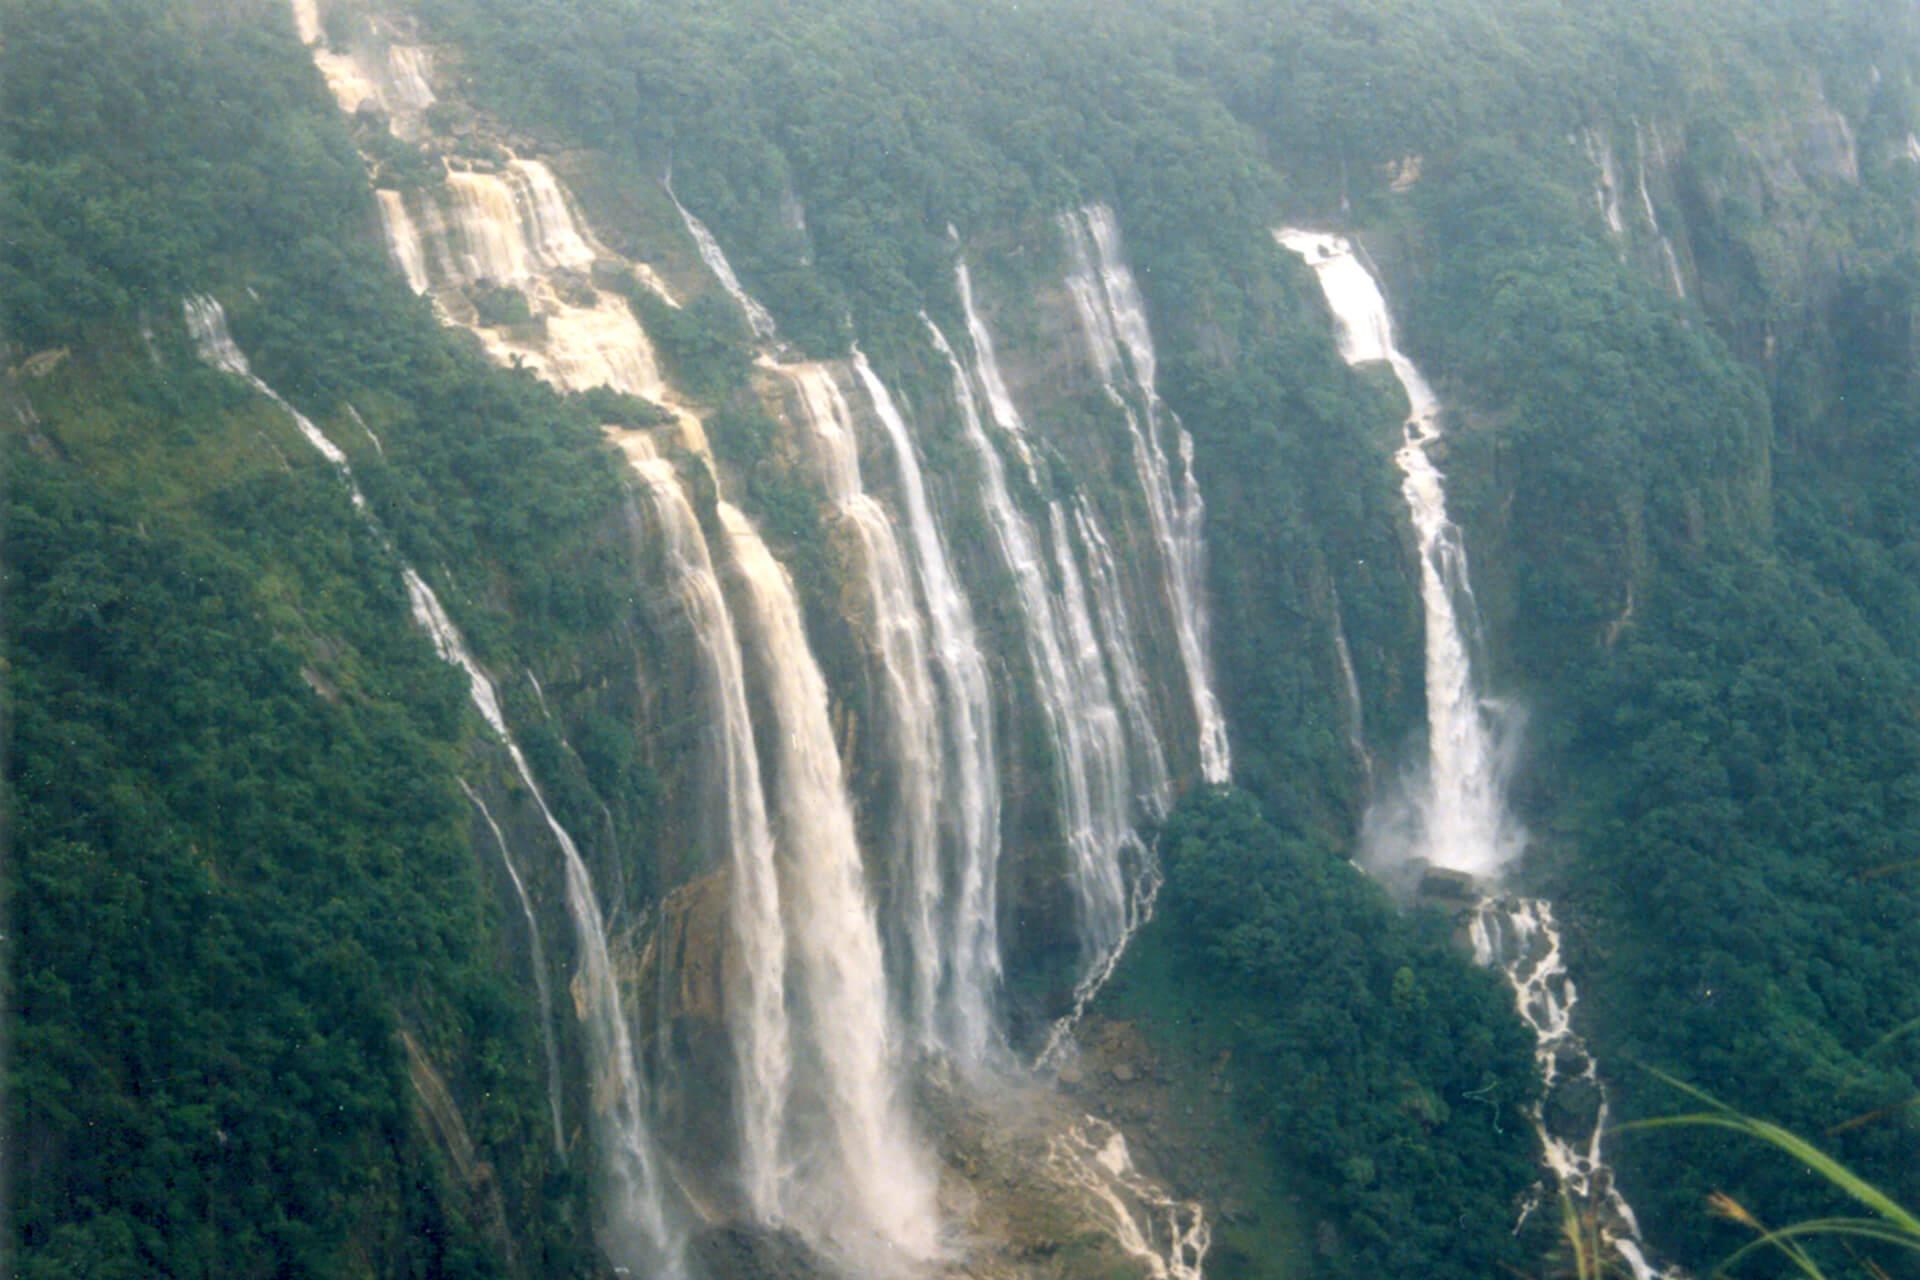 Noh Sngithiang Falls